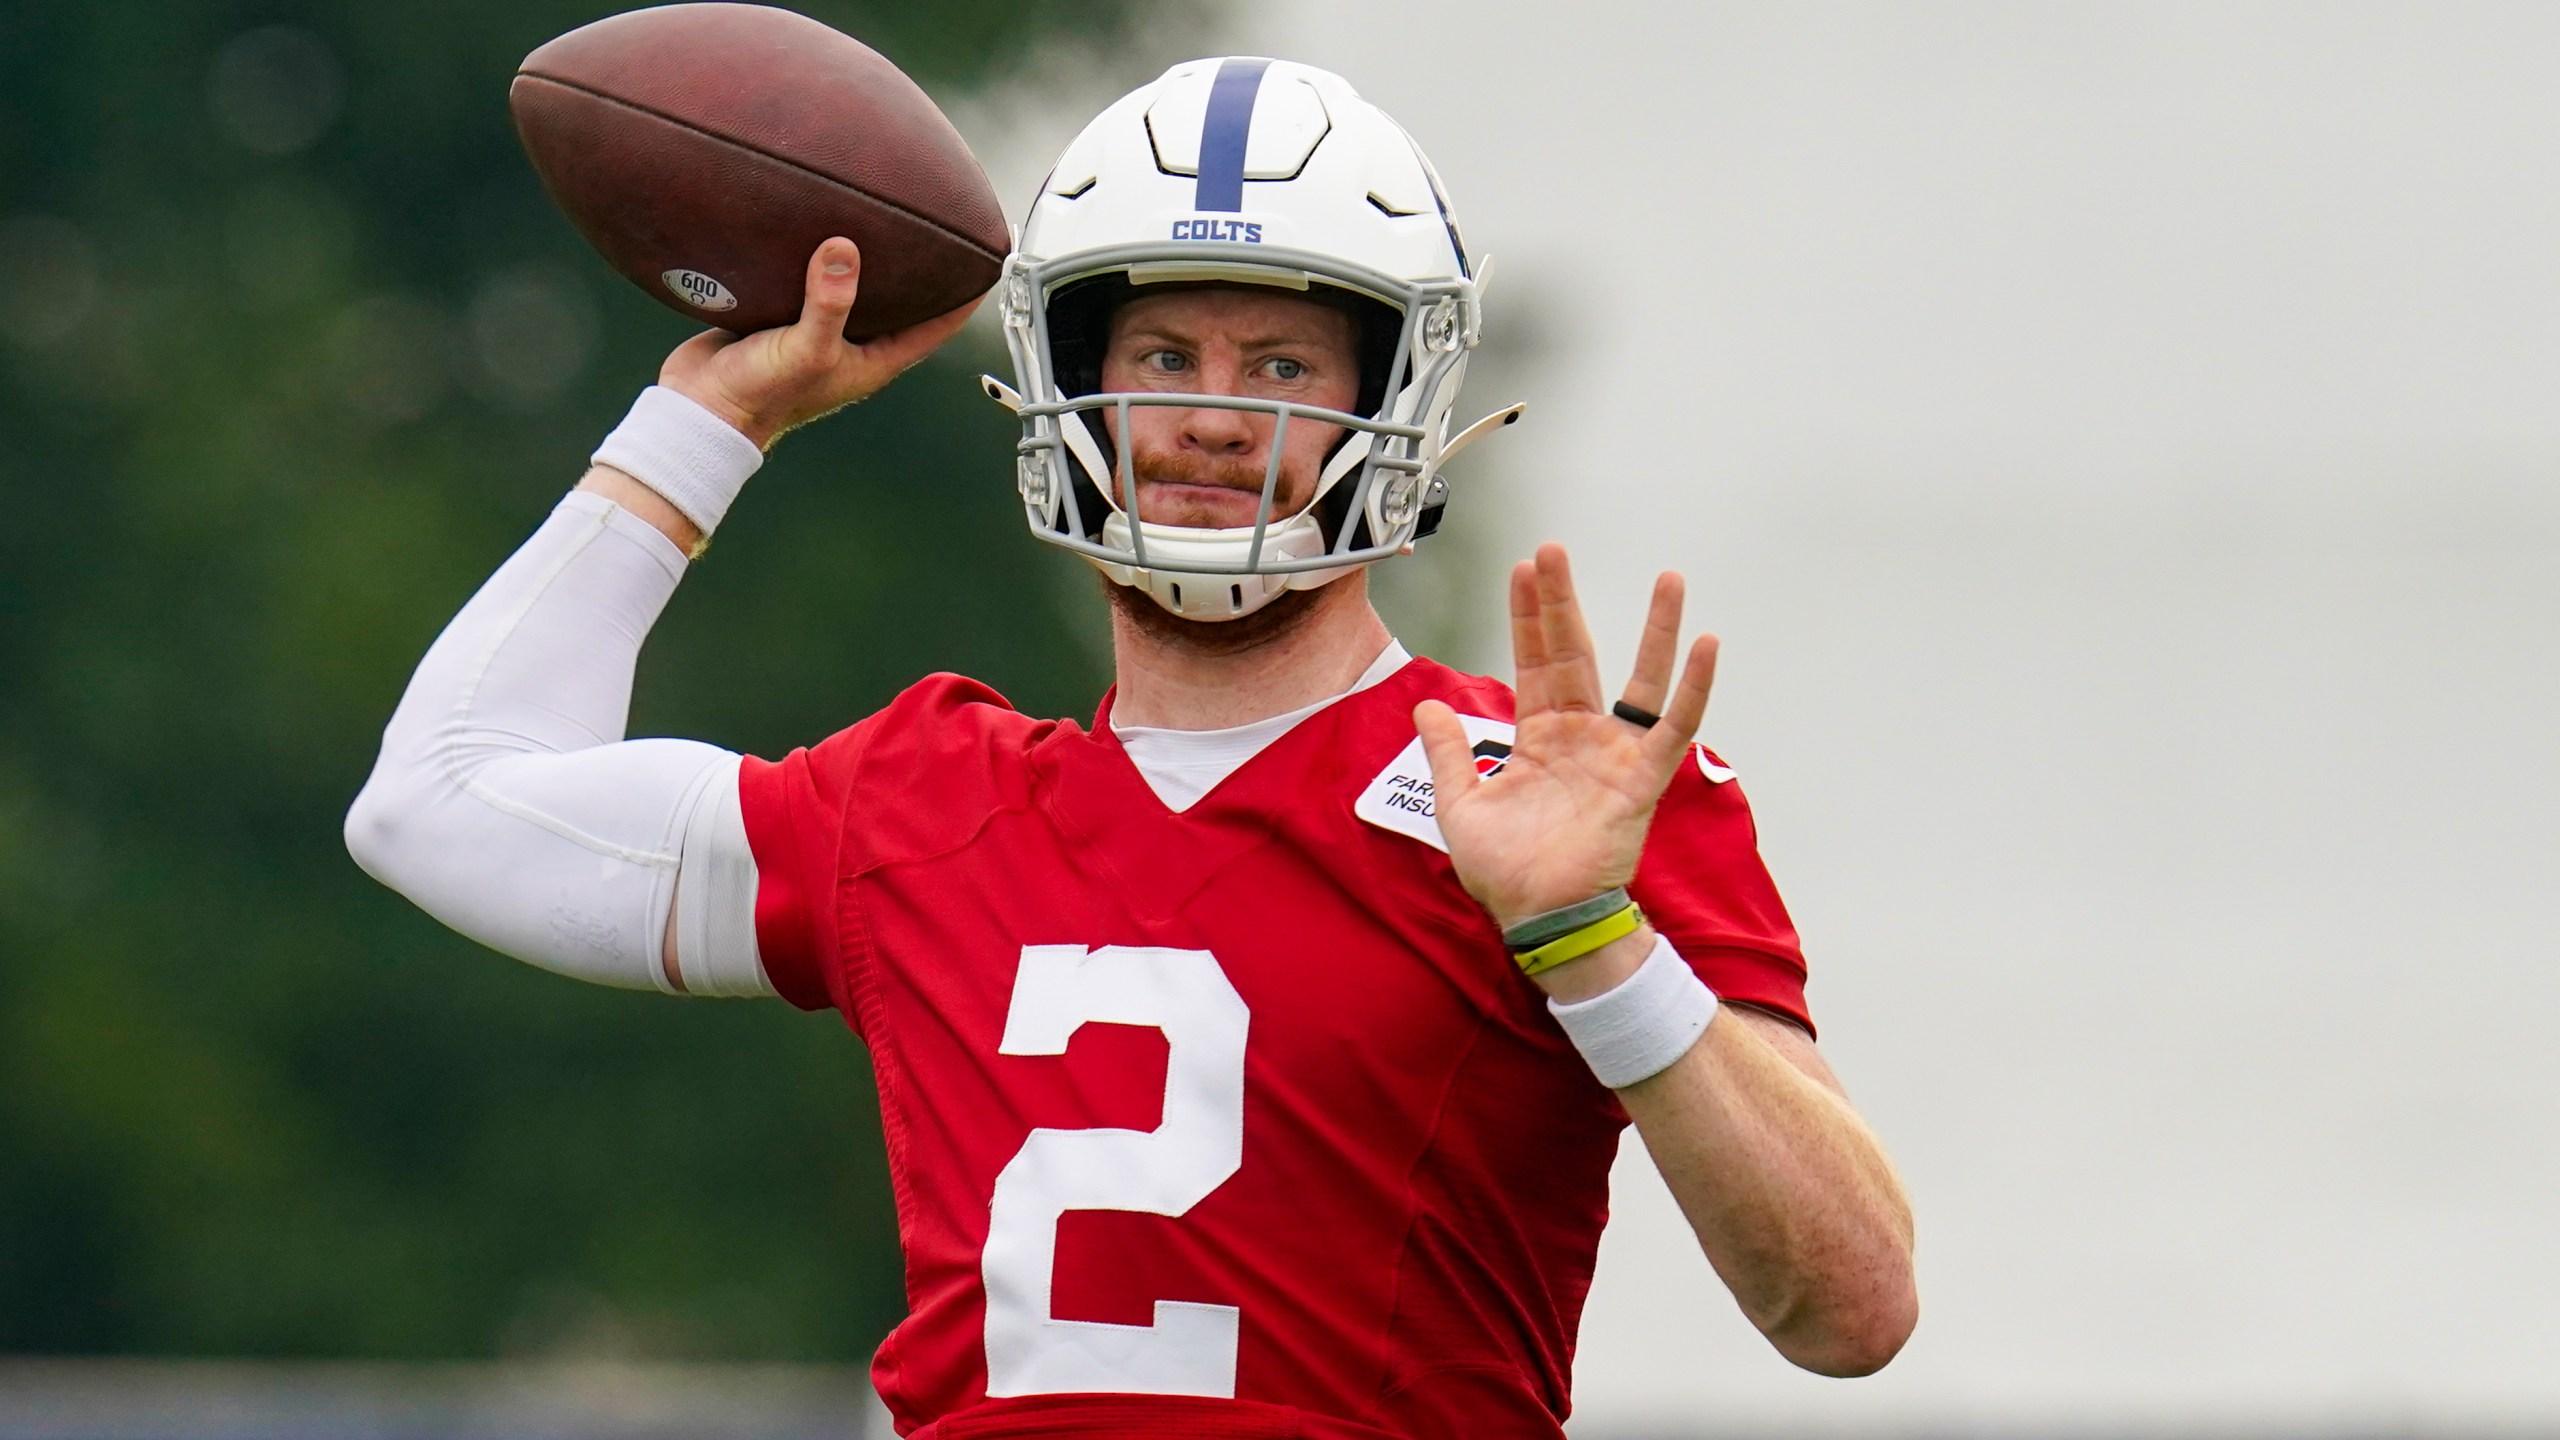 Colts QB Carson Wentz